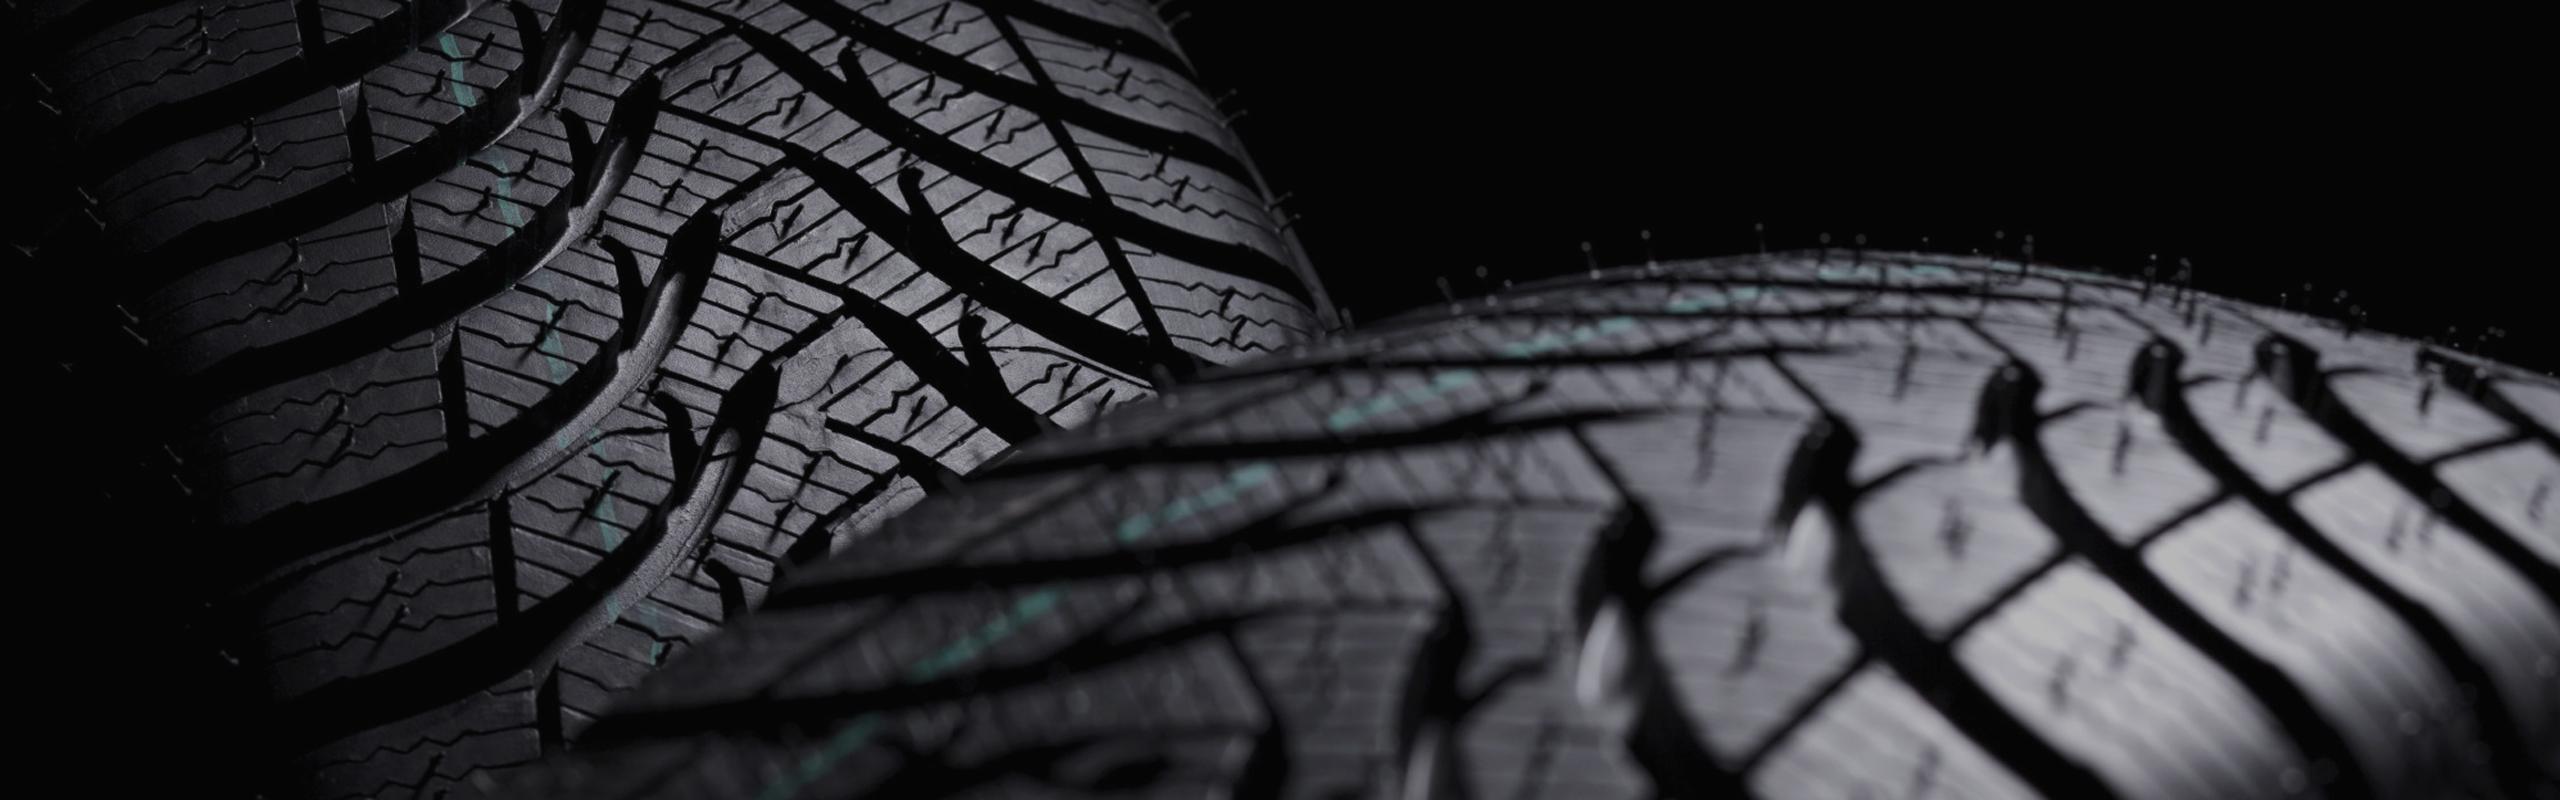 Tires & Wheels, Simplified